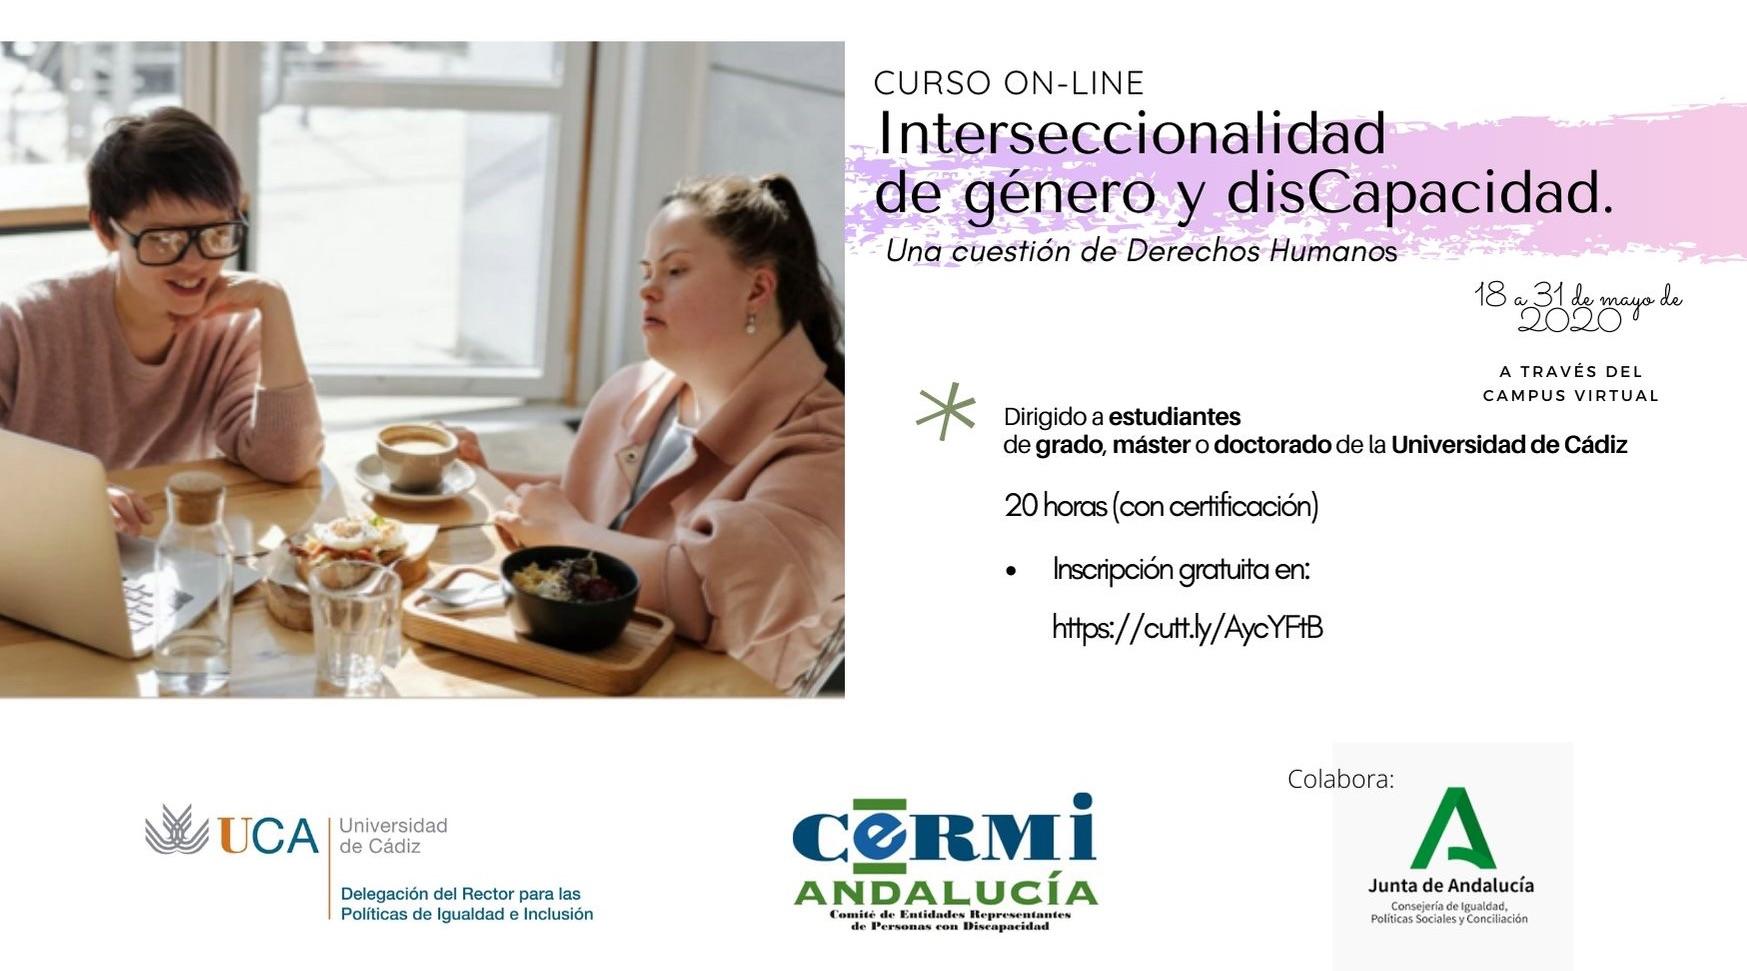 """Curso on-line """" Interseccionalidad de Género y disCapacidad"""""""